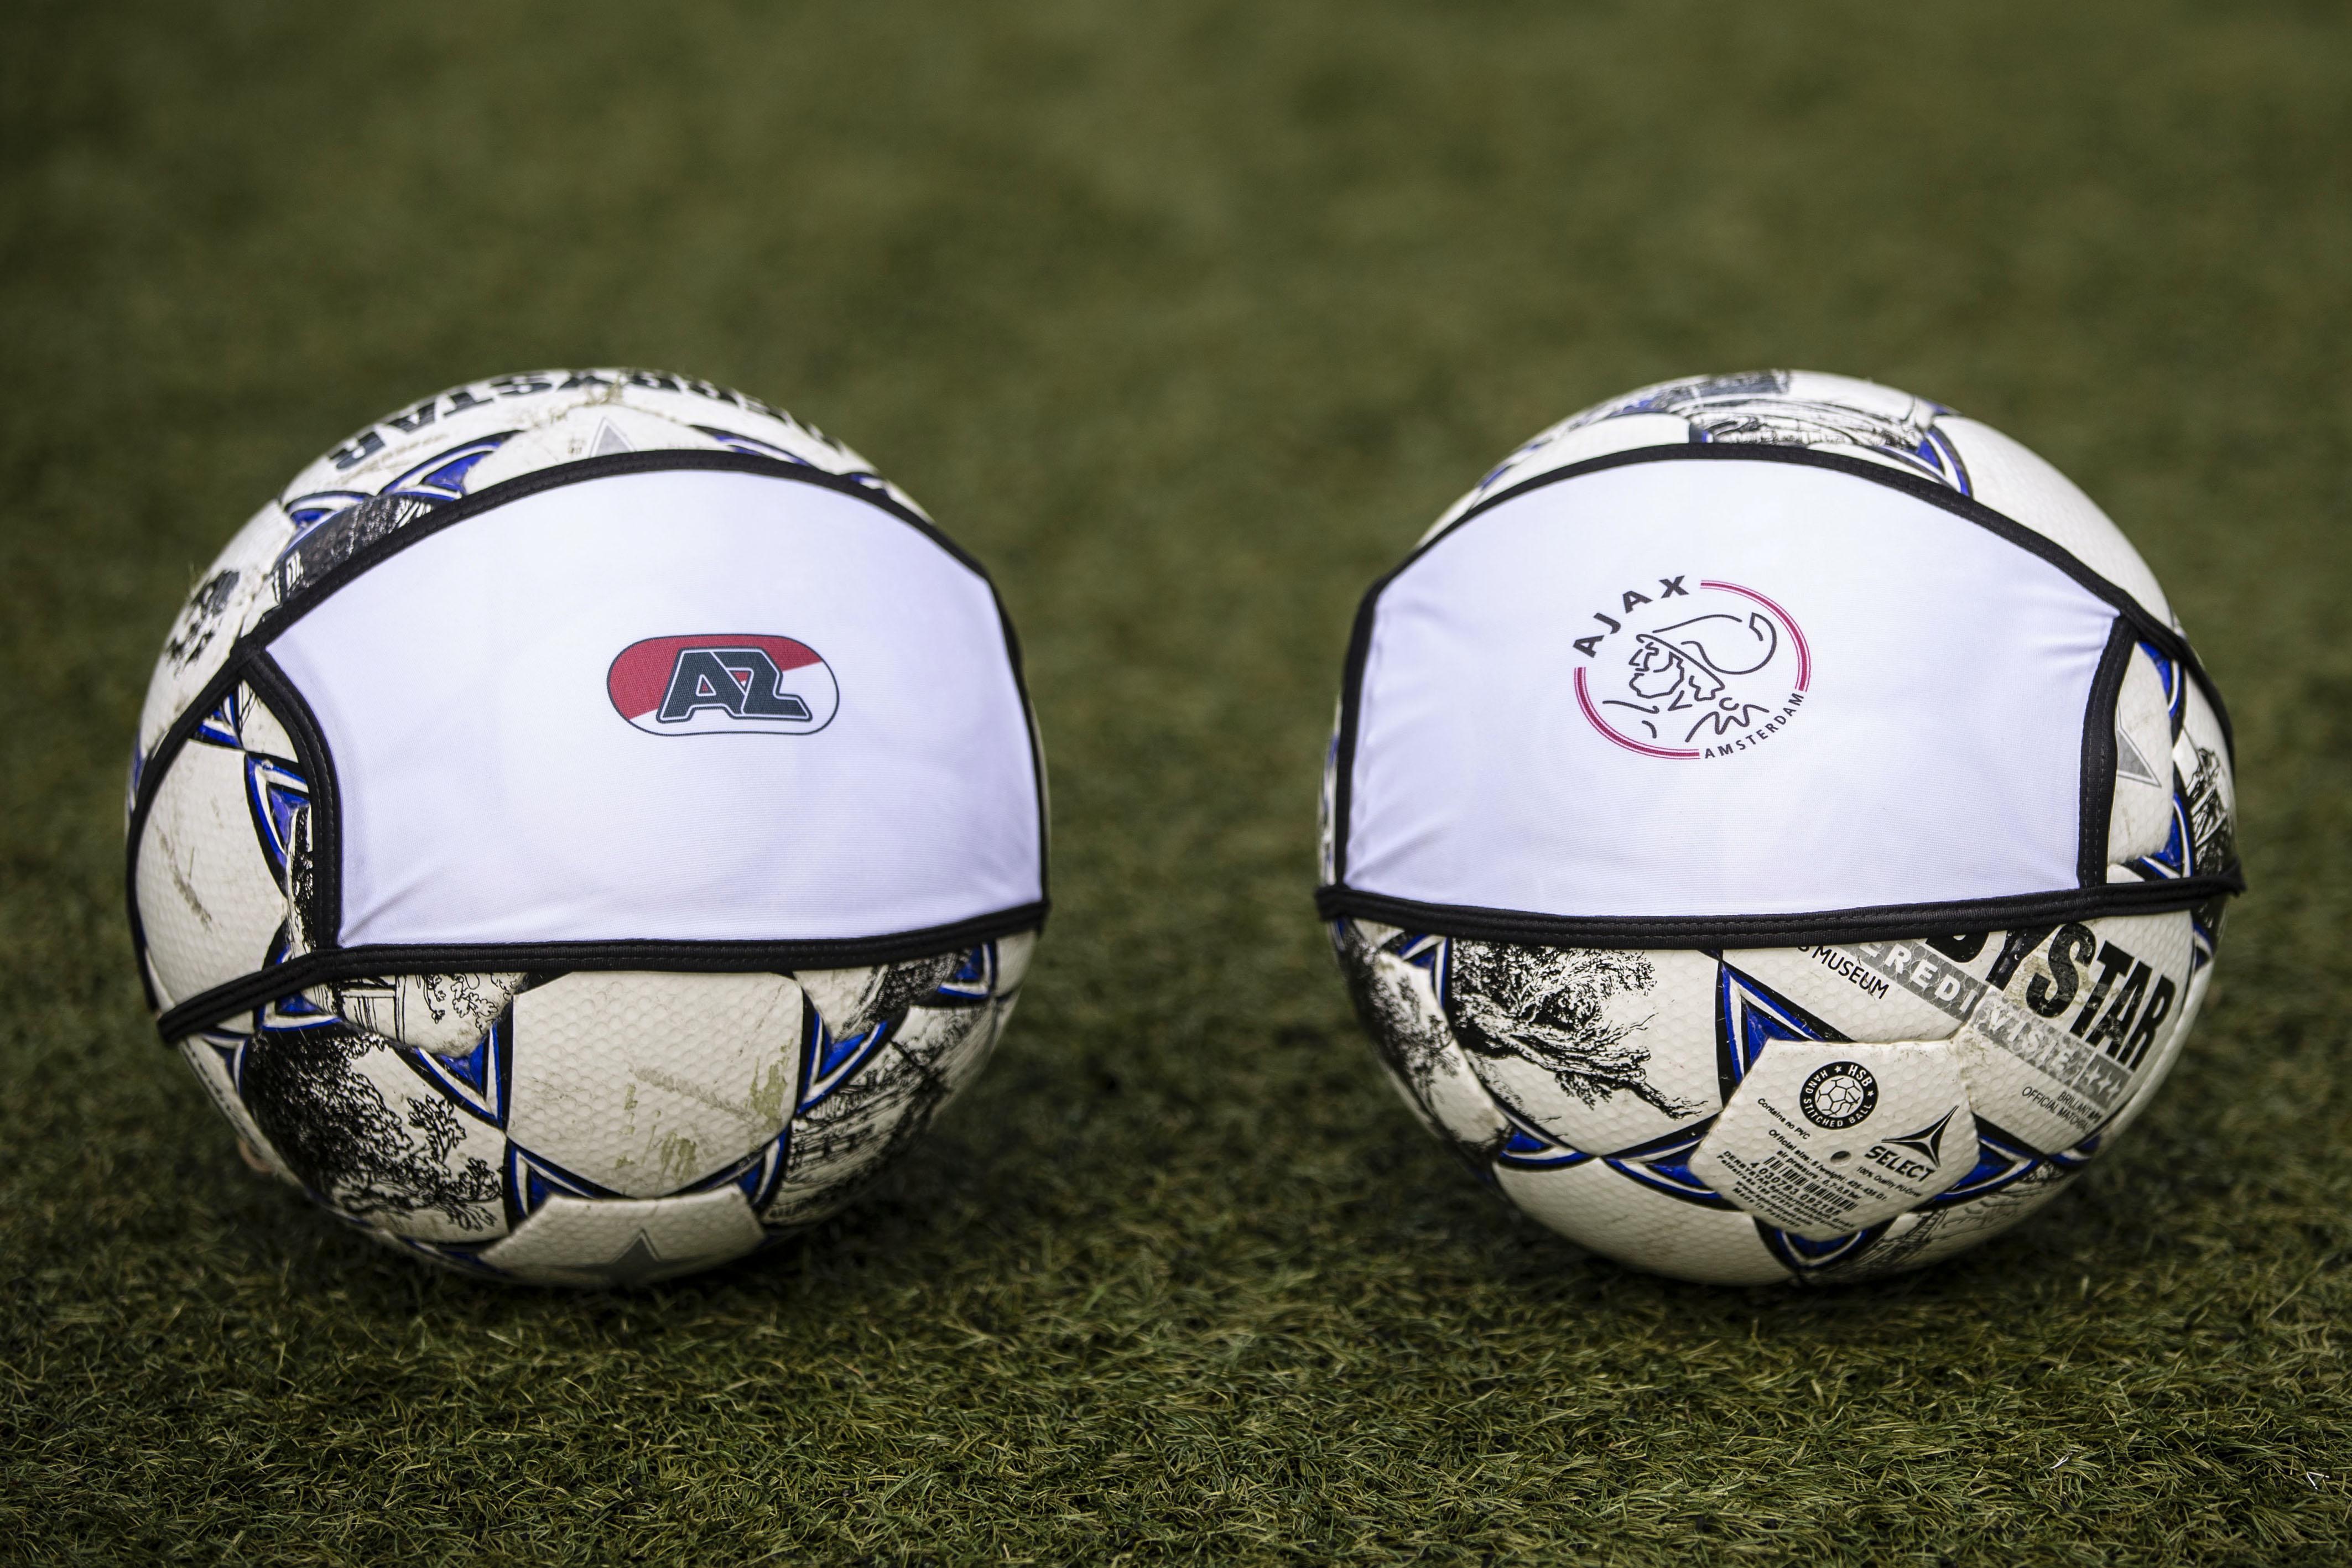 Sjoemelen met een positieve coronatest levert voetbalclubs 'forse straf' op, meldt KNVB